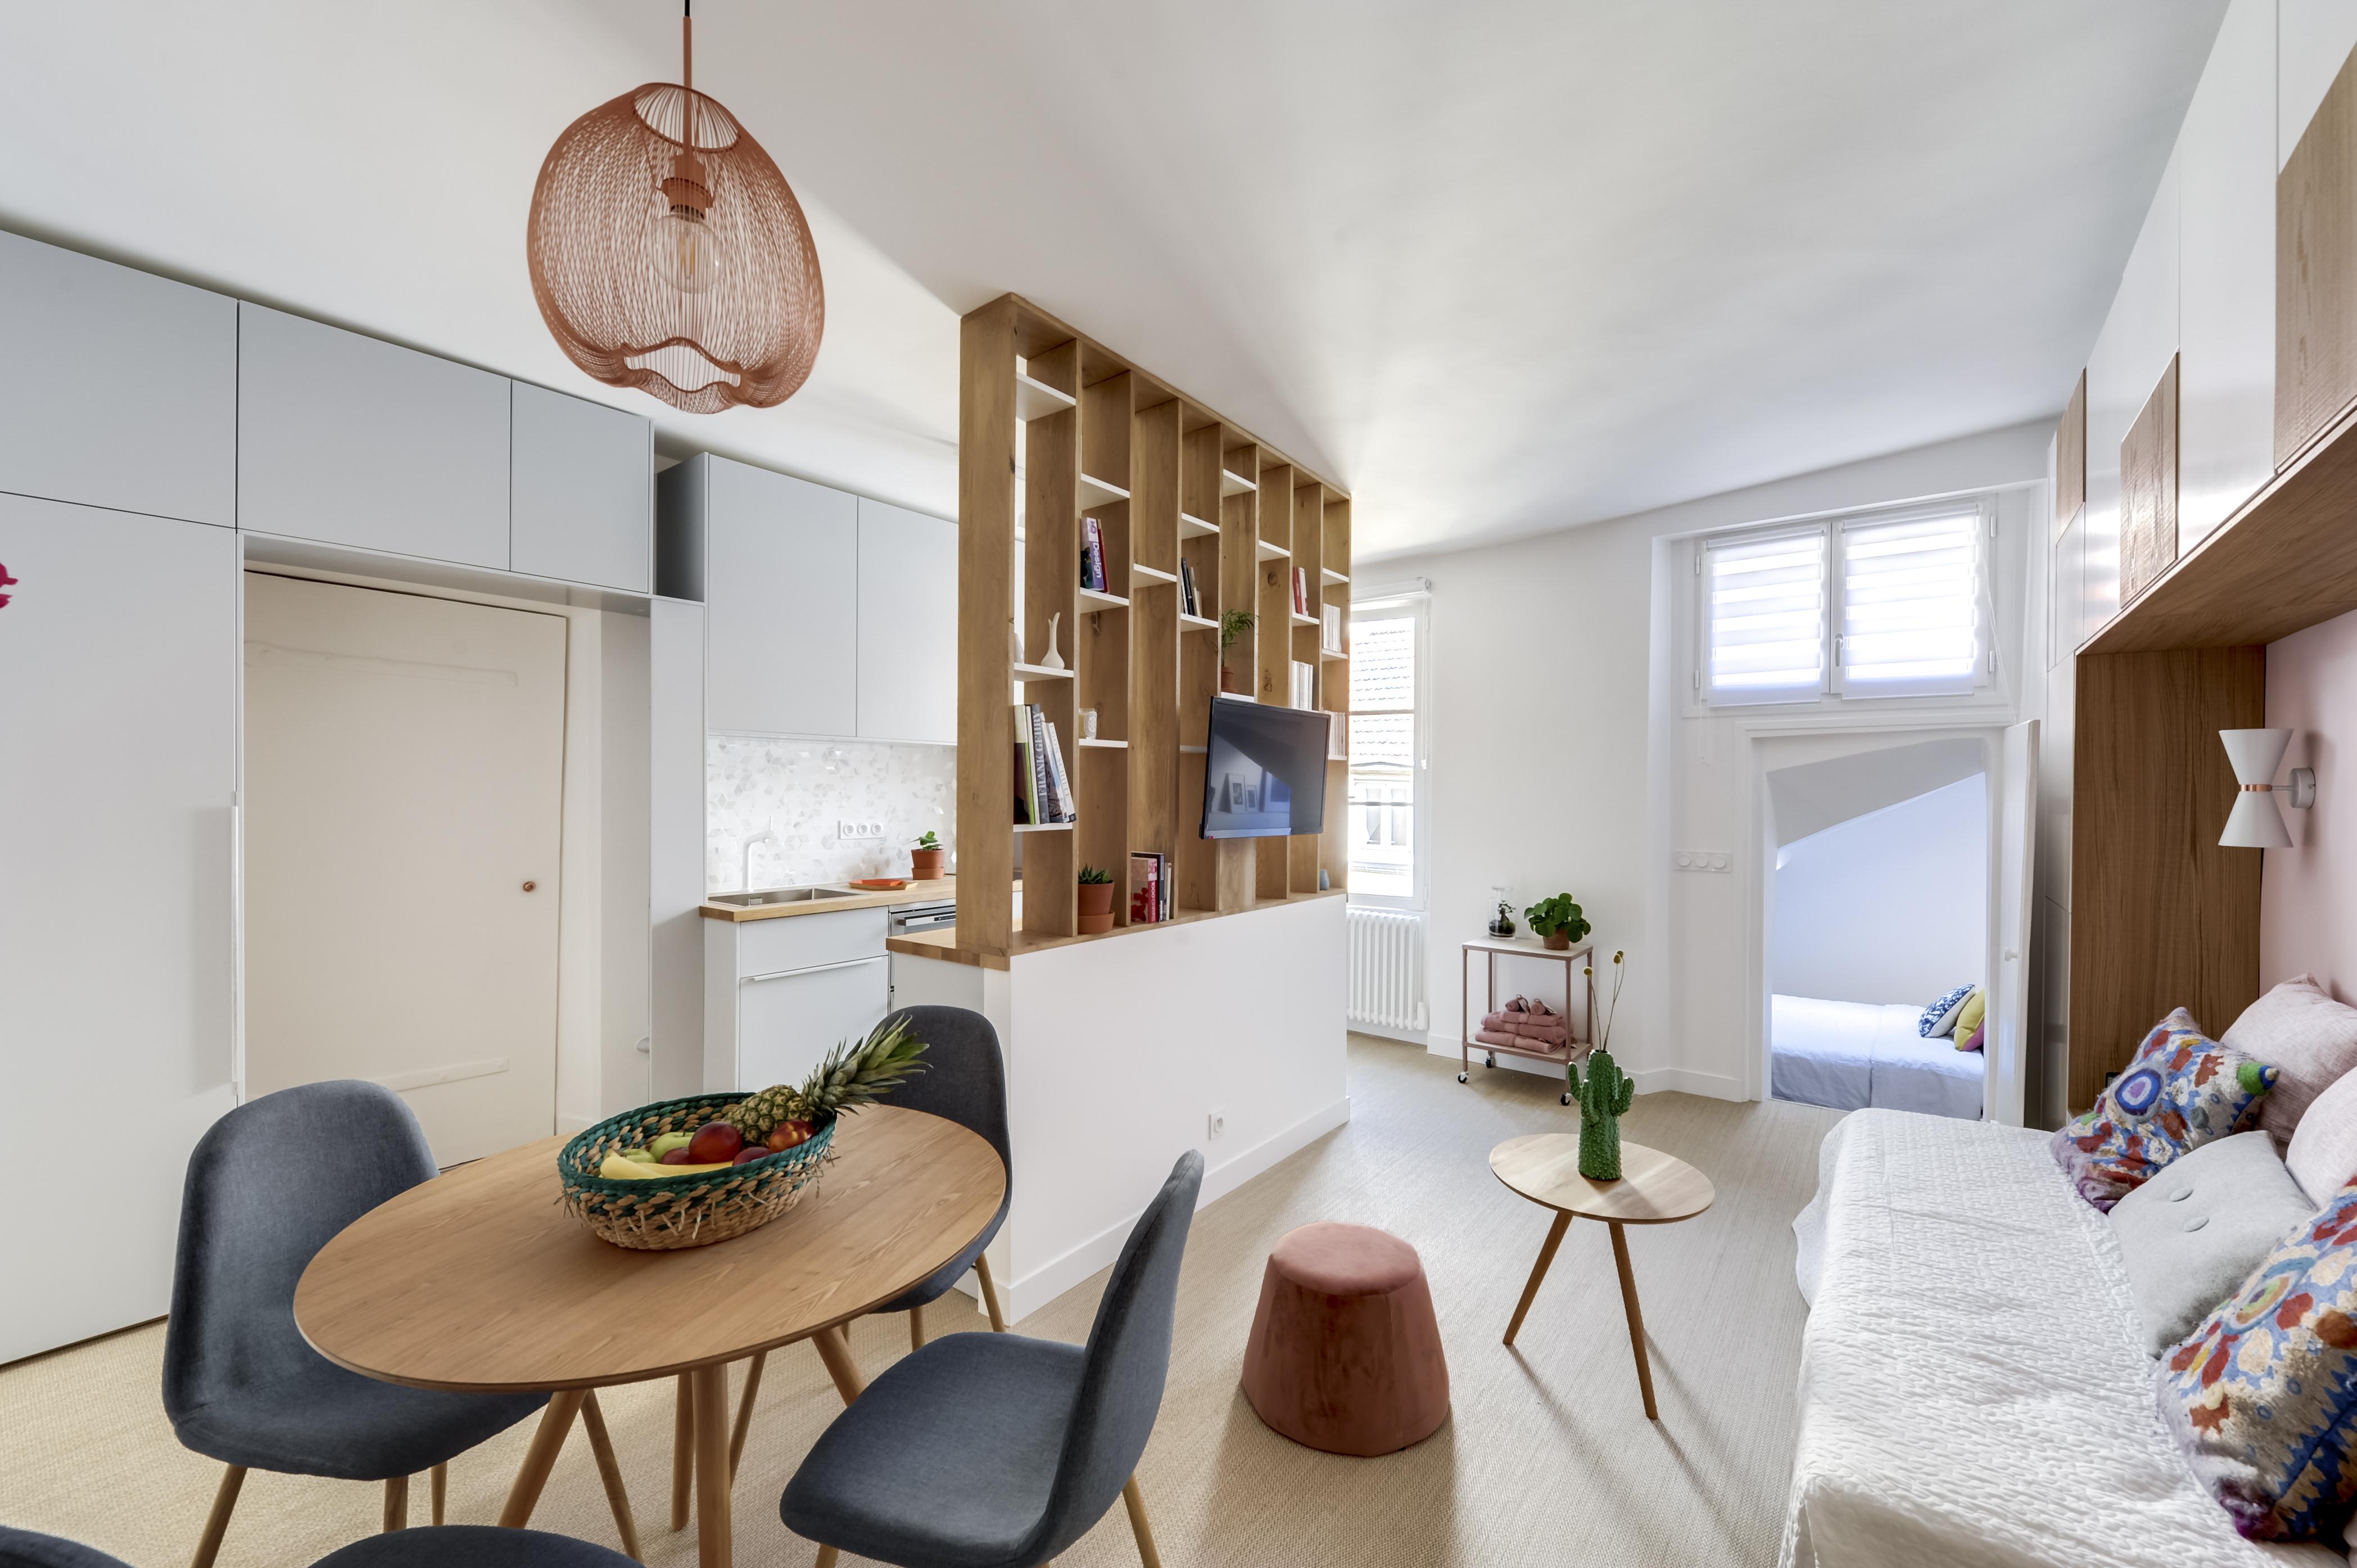 Однокомнатная квартира 40 кв м отделка